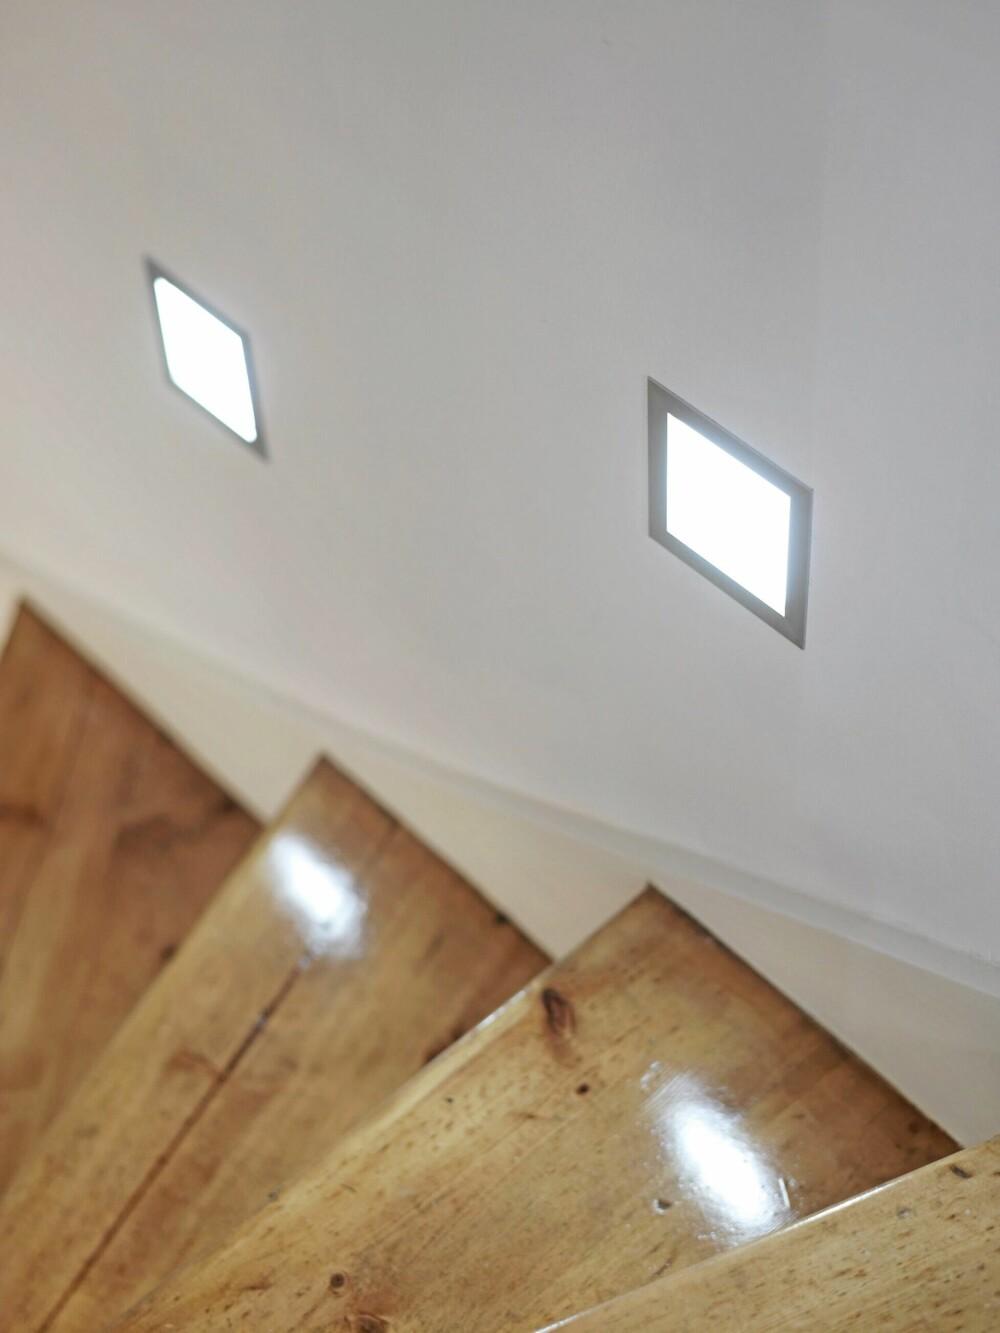 LAMPER I VEGGEN: Innfelte spotter tar ikke ekstra plass og gir godt lys. Prosjekt ved interiørarkitekt MNIL Trond Ramsøskar.